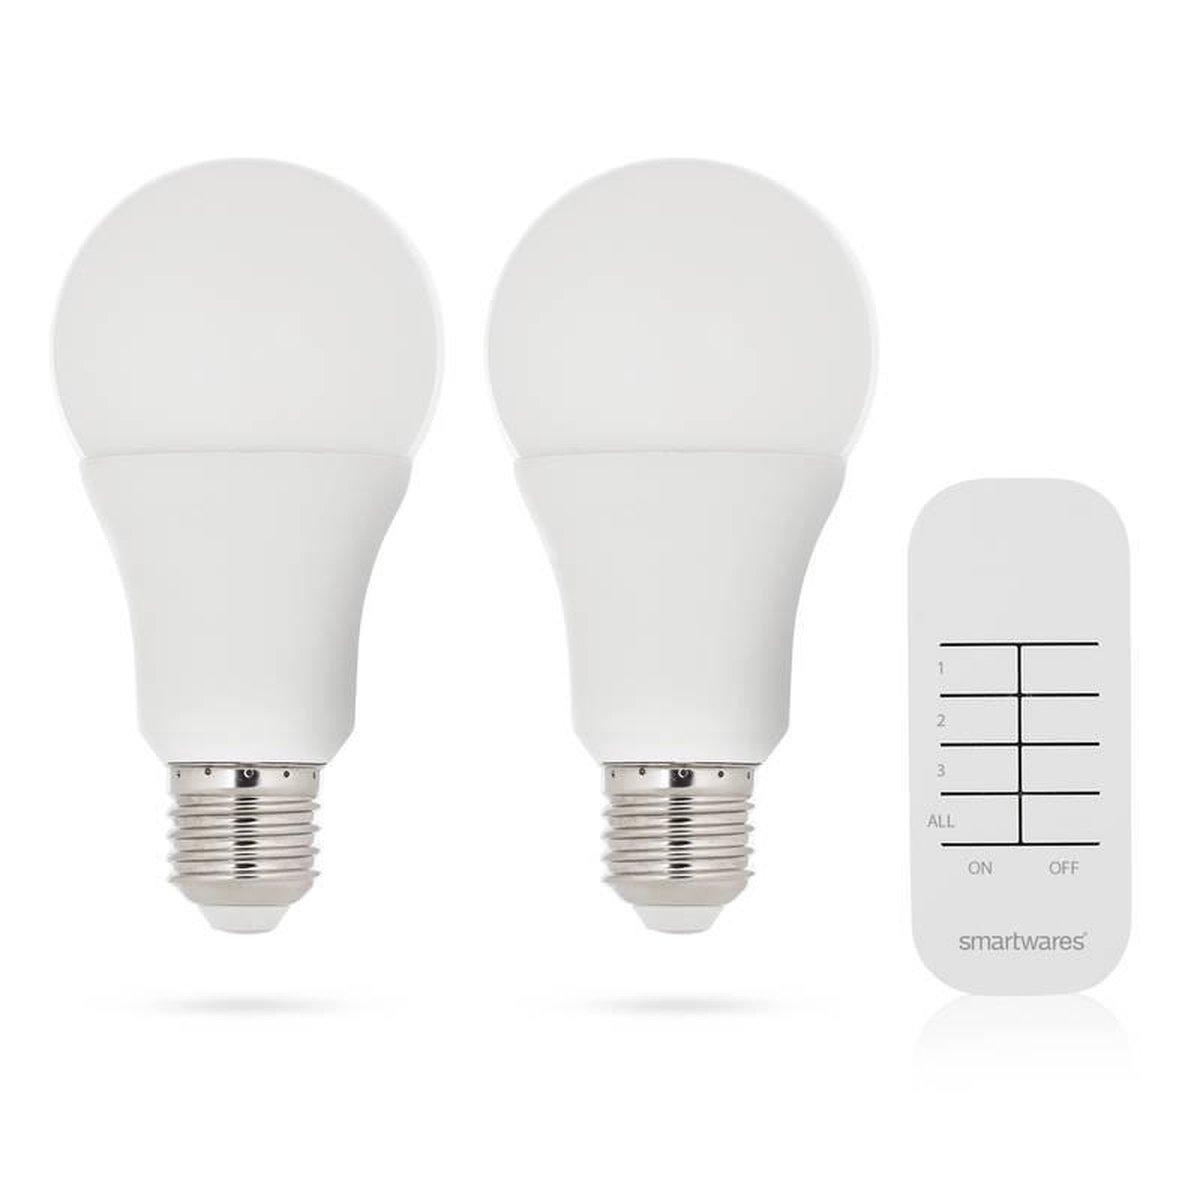 Smartwares SH4-99551 Dimbare Slimme Verlichting